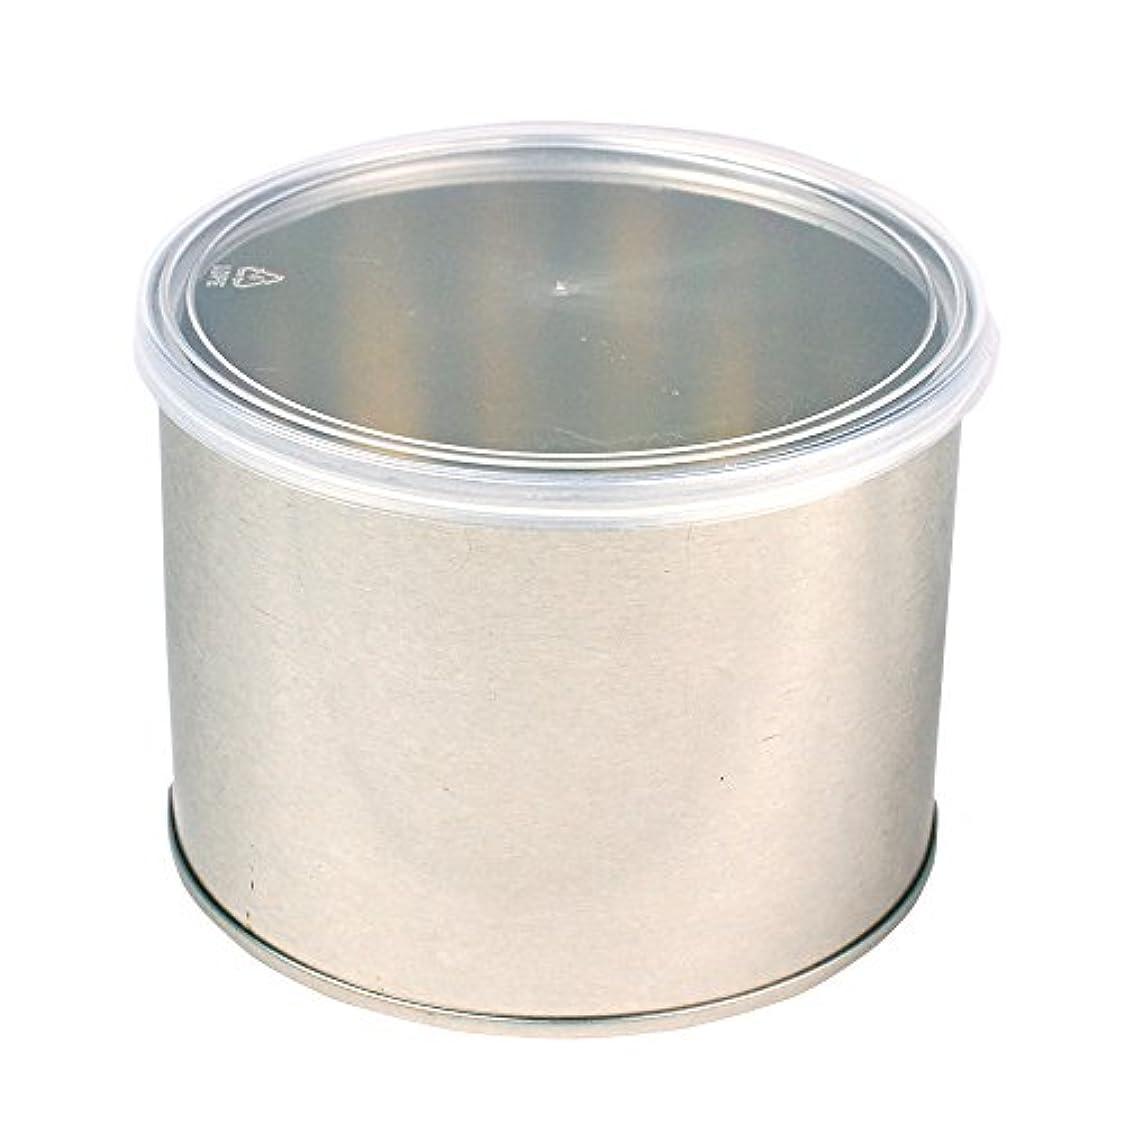 細菌海藻ストリームワックス脱毛用スチール缶 ハード?ソフト両用 キャップ付 1個(032-1) ブラジリアンワックス